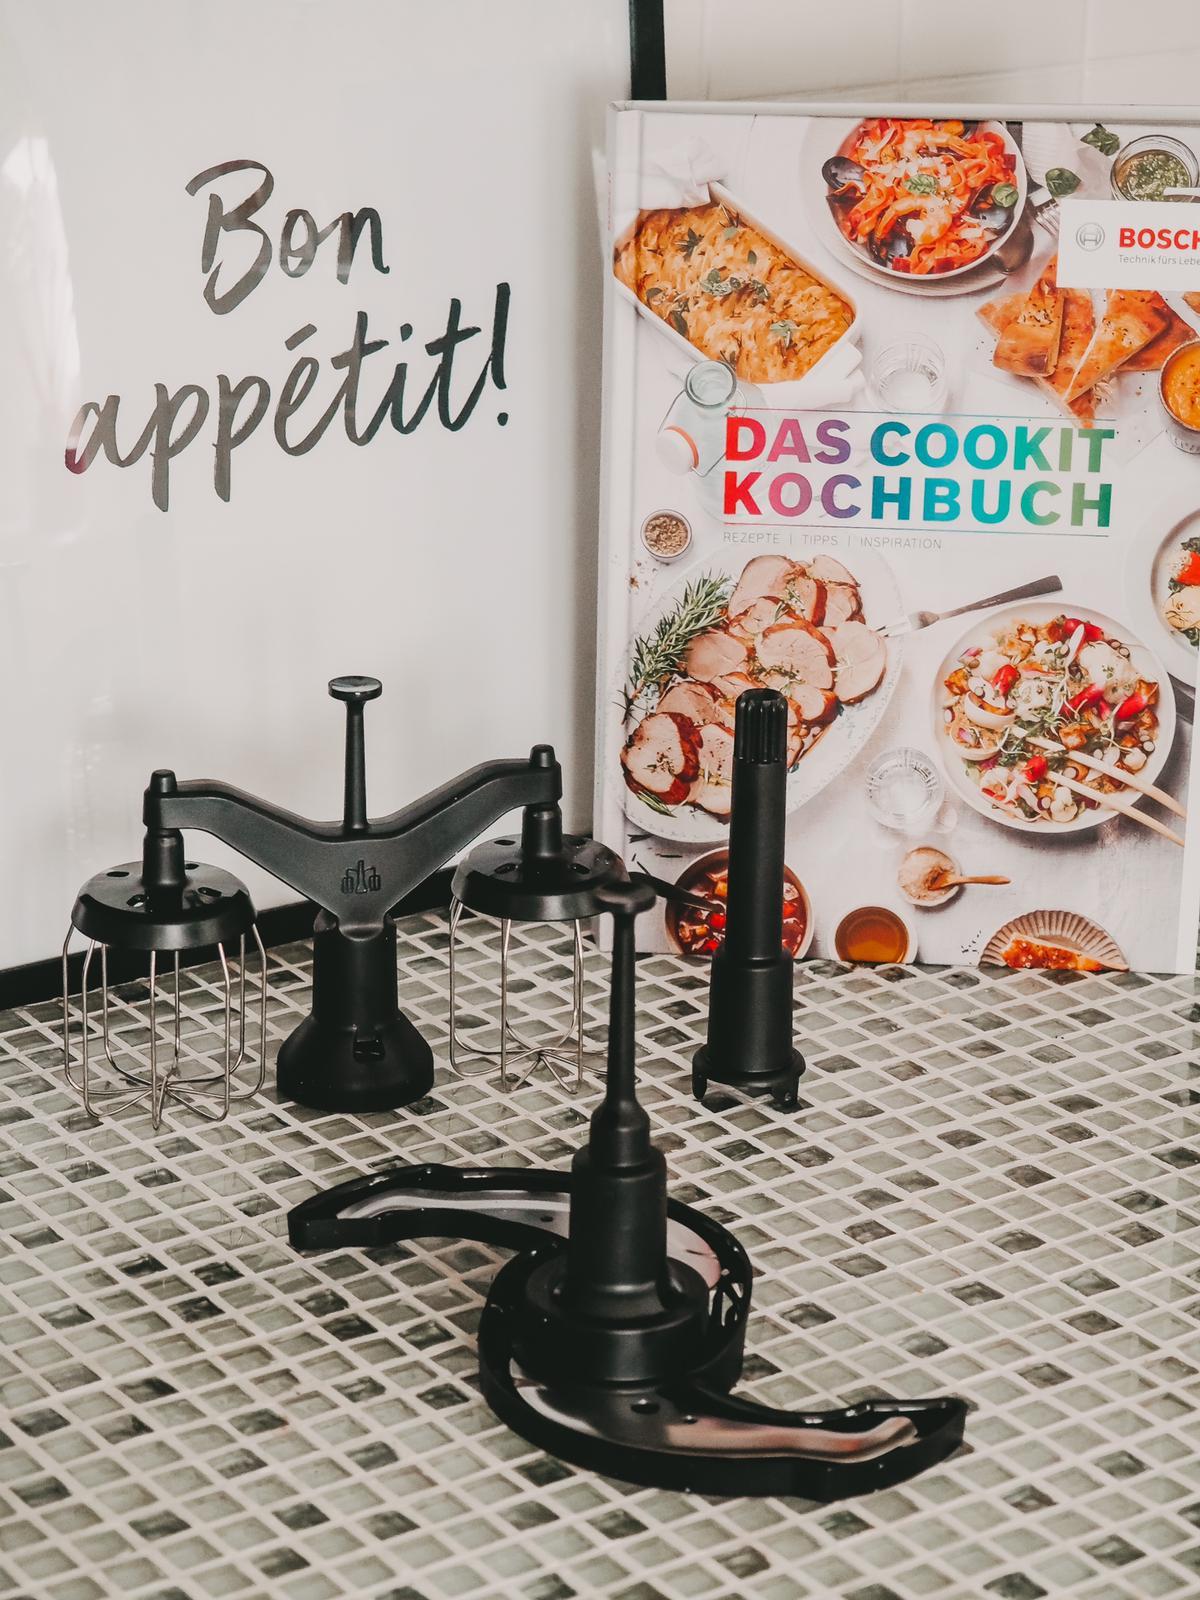 Rührbesen usw. vom Bosch Cookit